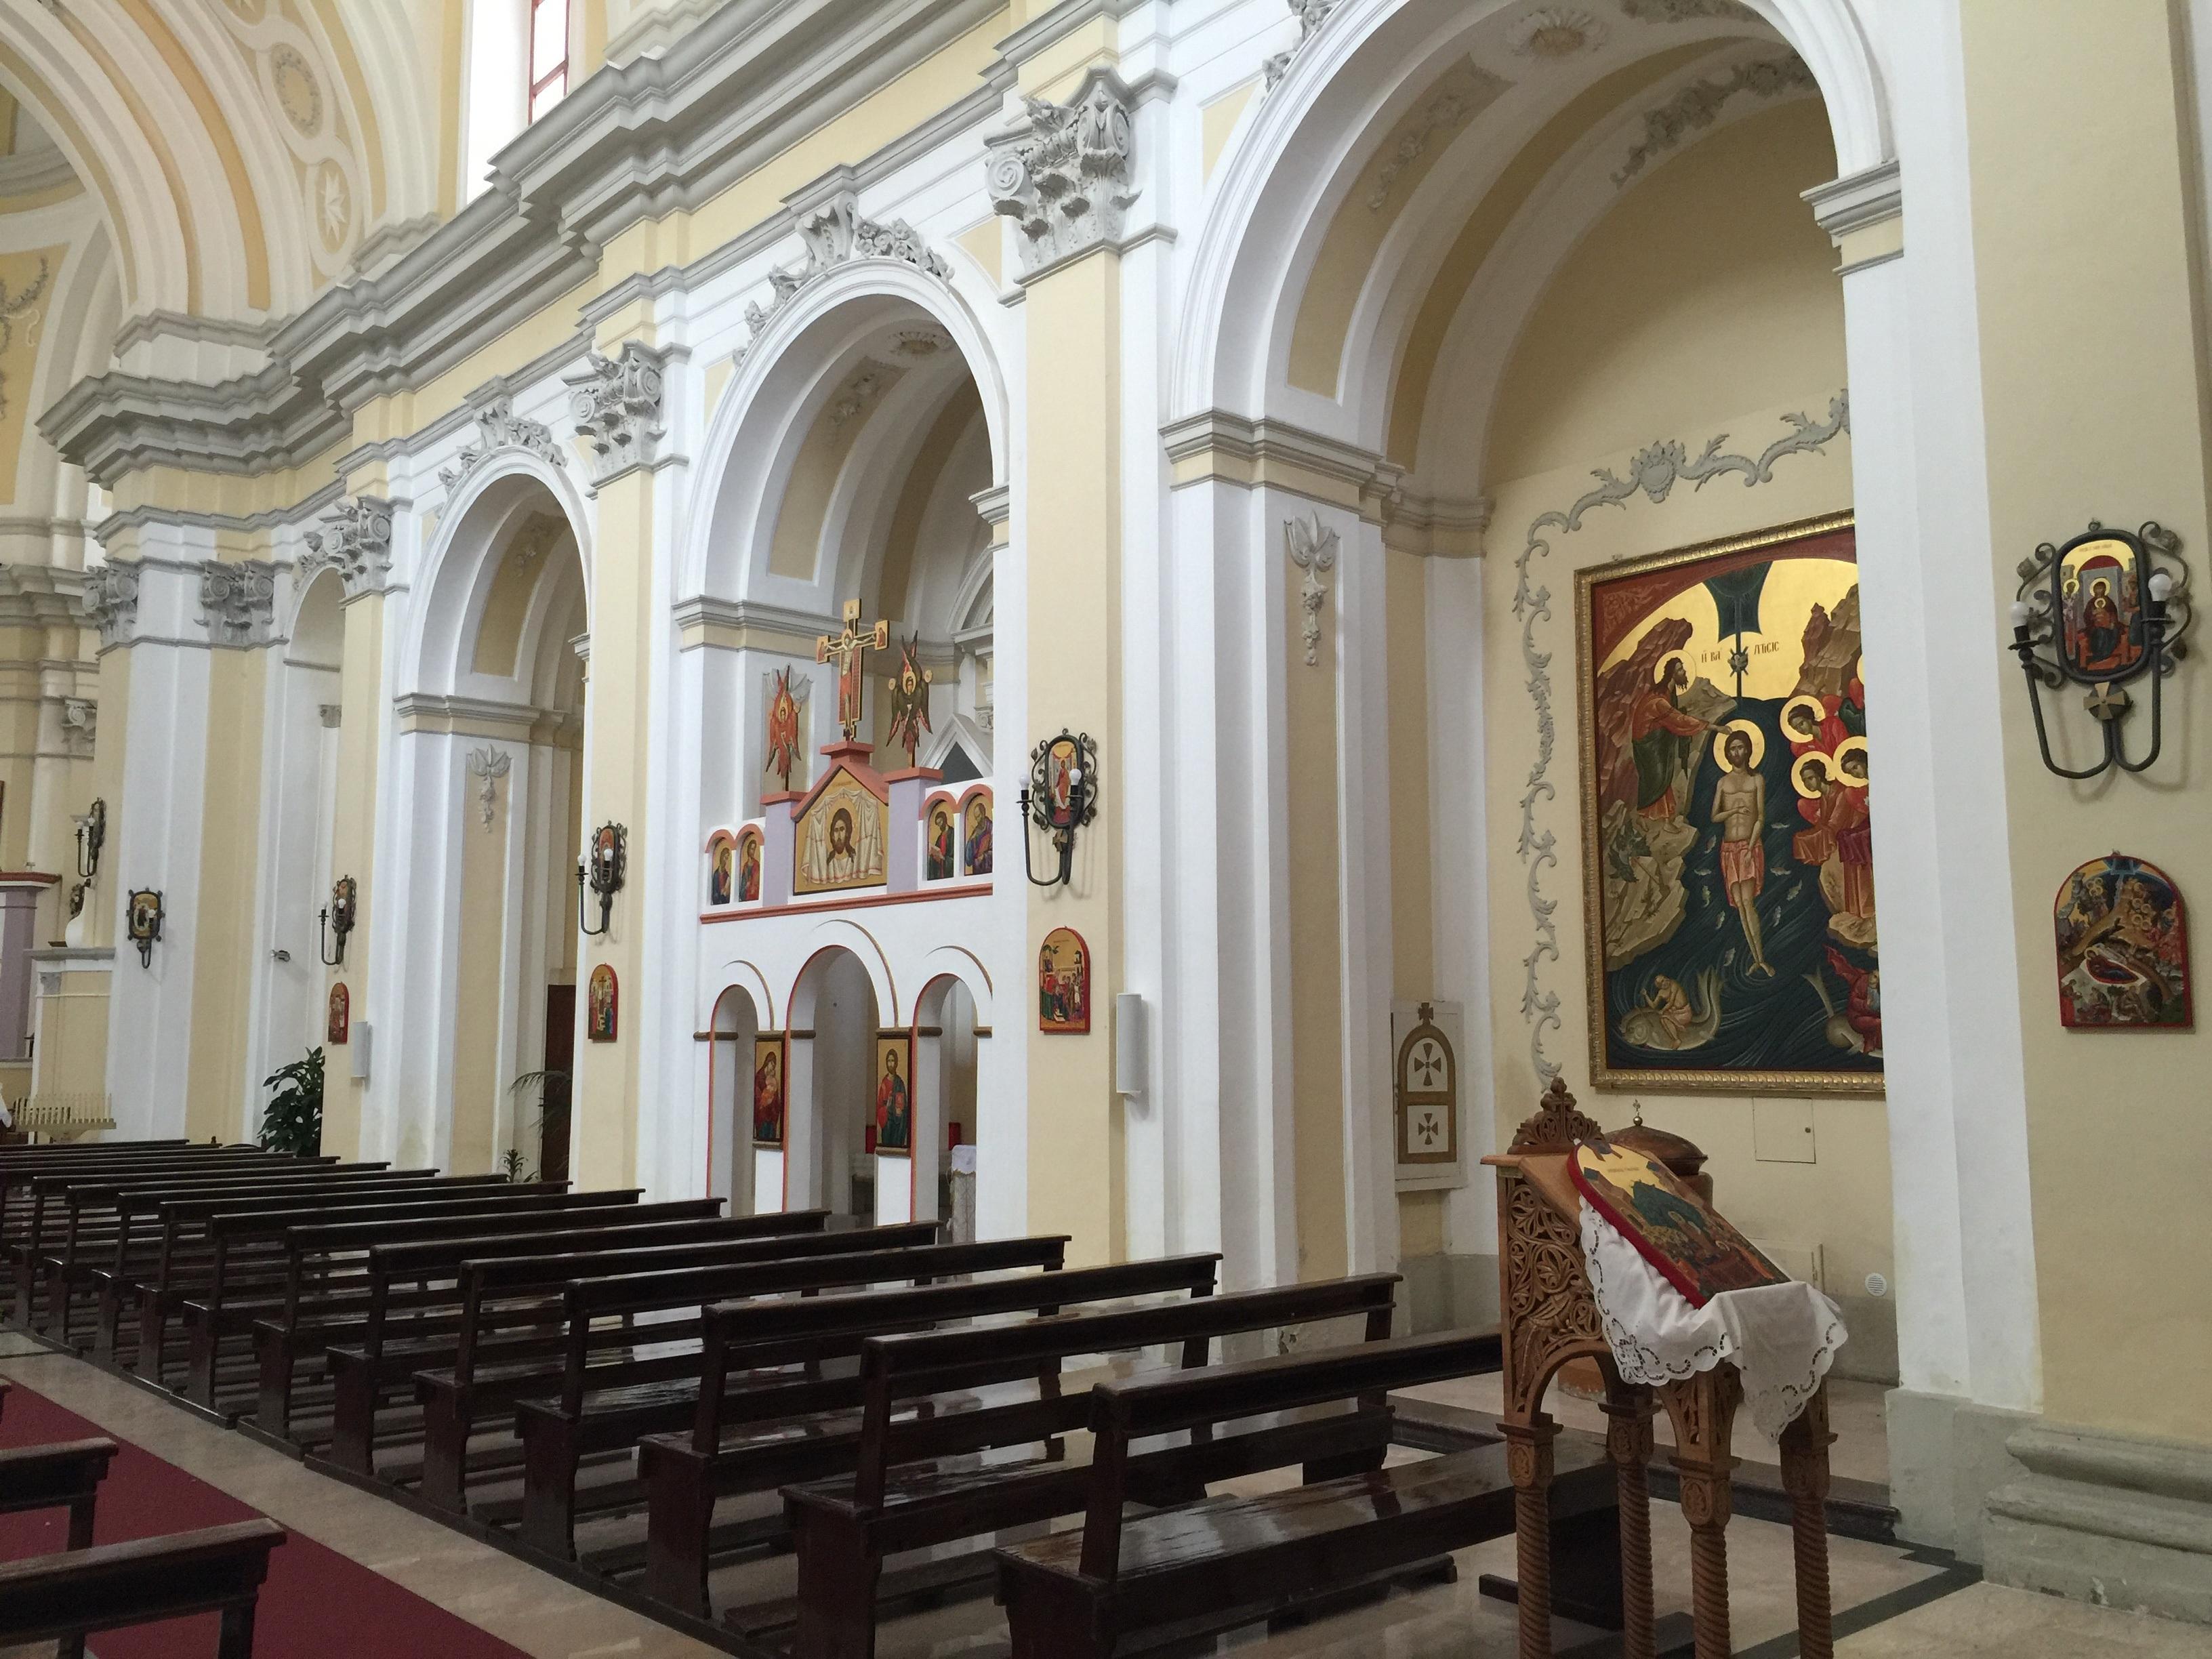 fotos gratis edificio palacio italia iglesia capilla